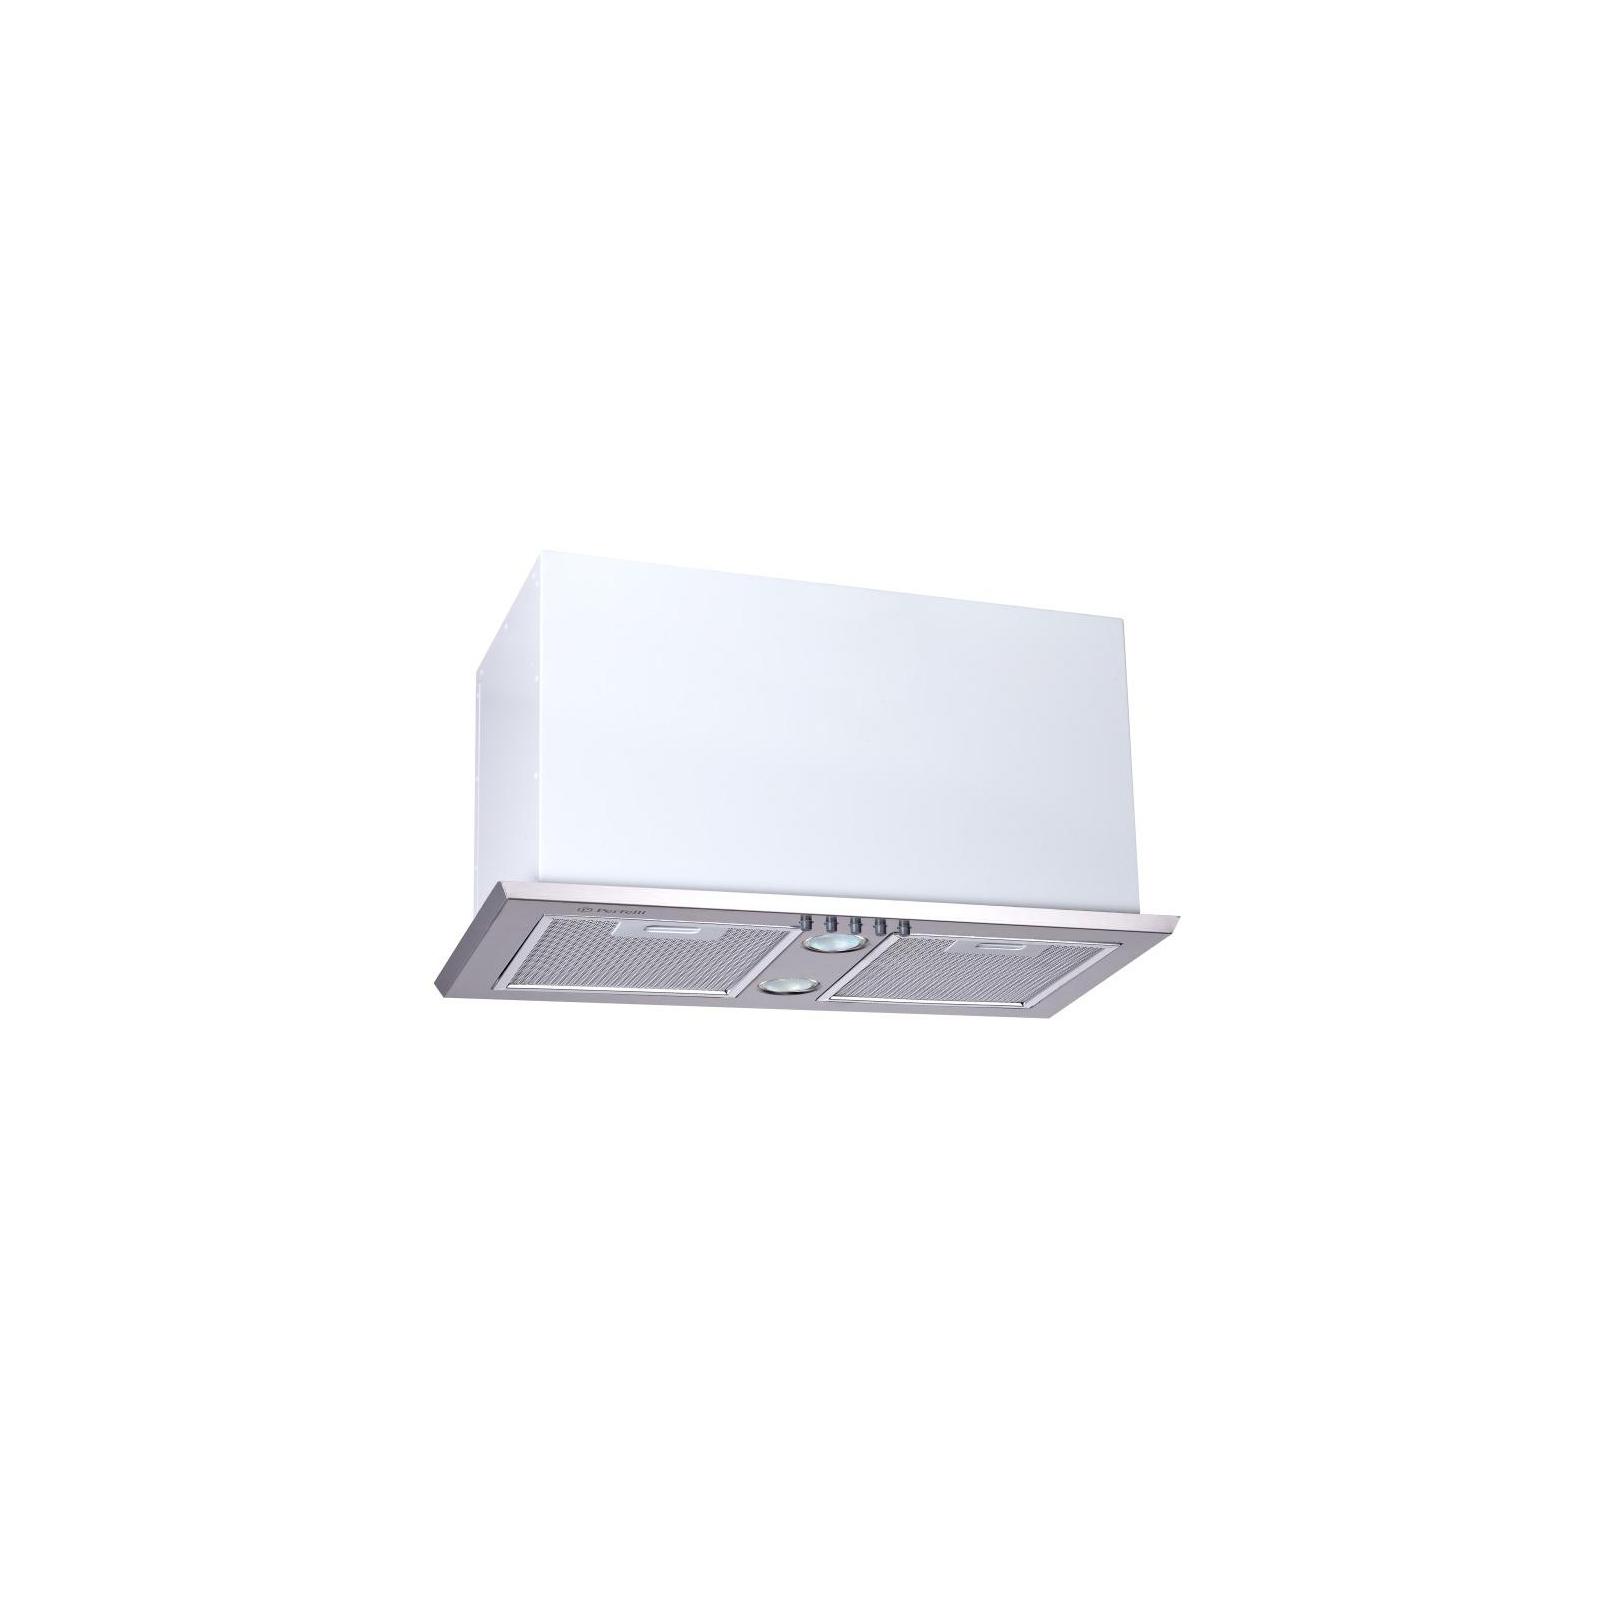 Вытяжка кухонная PERFELLI BI 5512 A 1000 I LED изображение 2